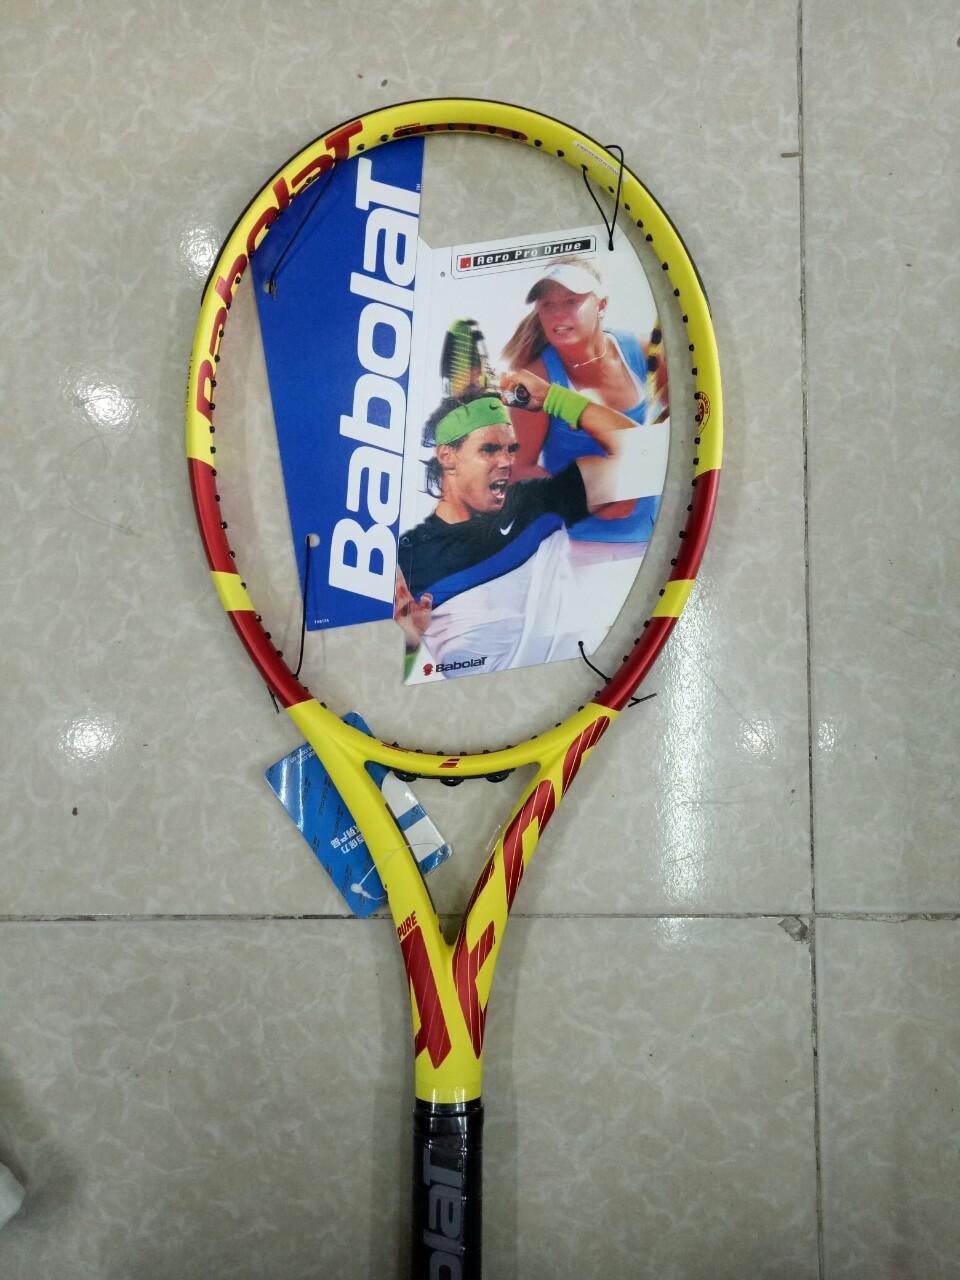 Bảng giá Vợt tennis Babolat 280g tặng căng cước quấn cán và bao vợt - ảnh thật sản phẩm Thể thao online